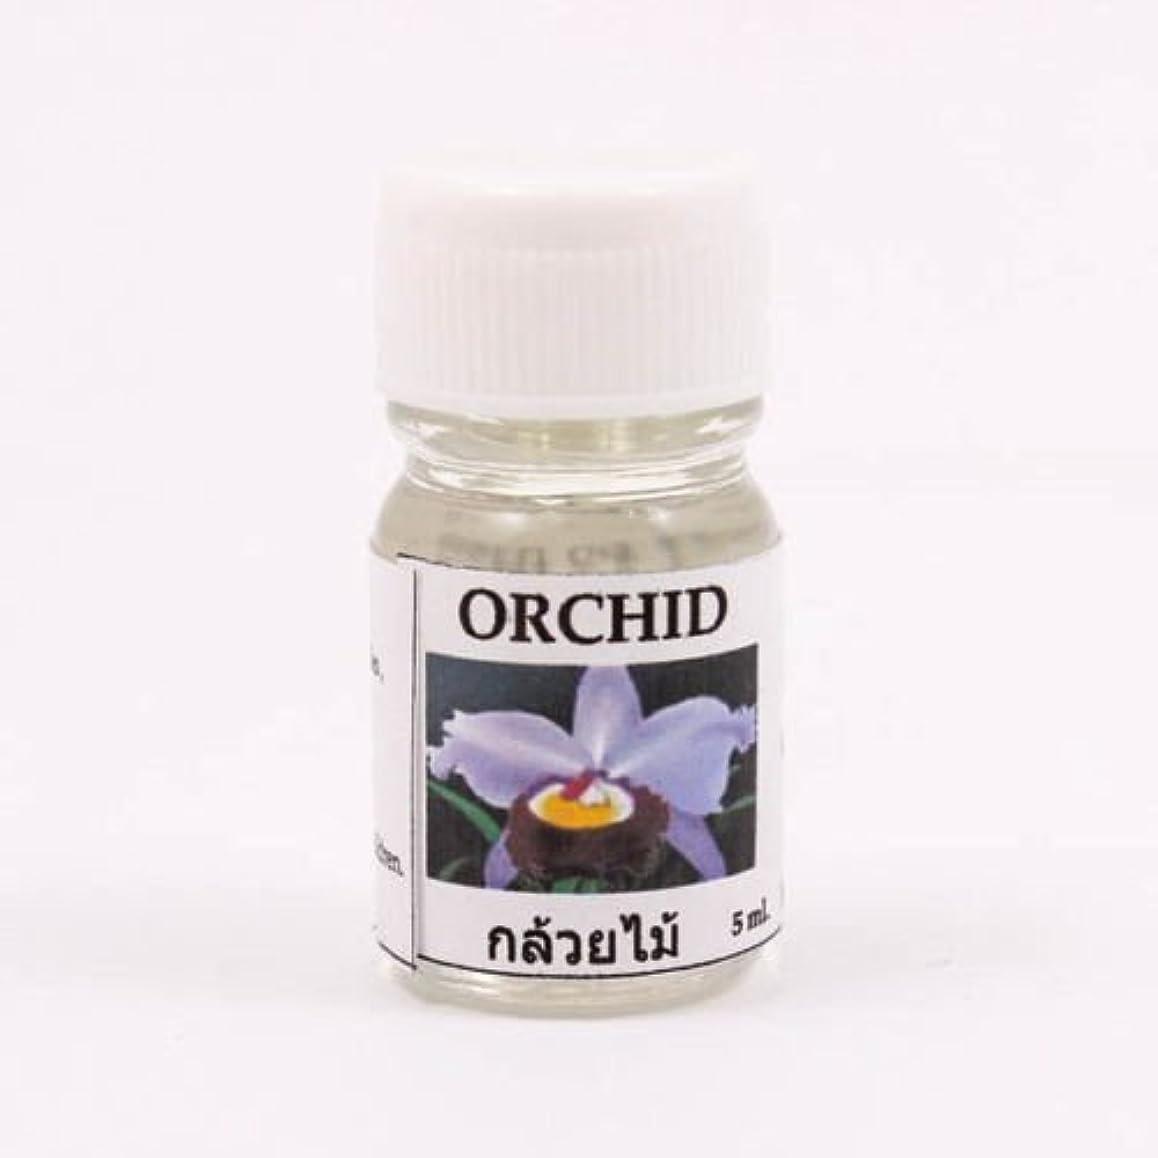 保育園候補者超越する6X Orchid Aroma Fragrance Essential Oil 5ML. (cc) Diffuser Burner Therapy